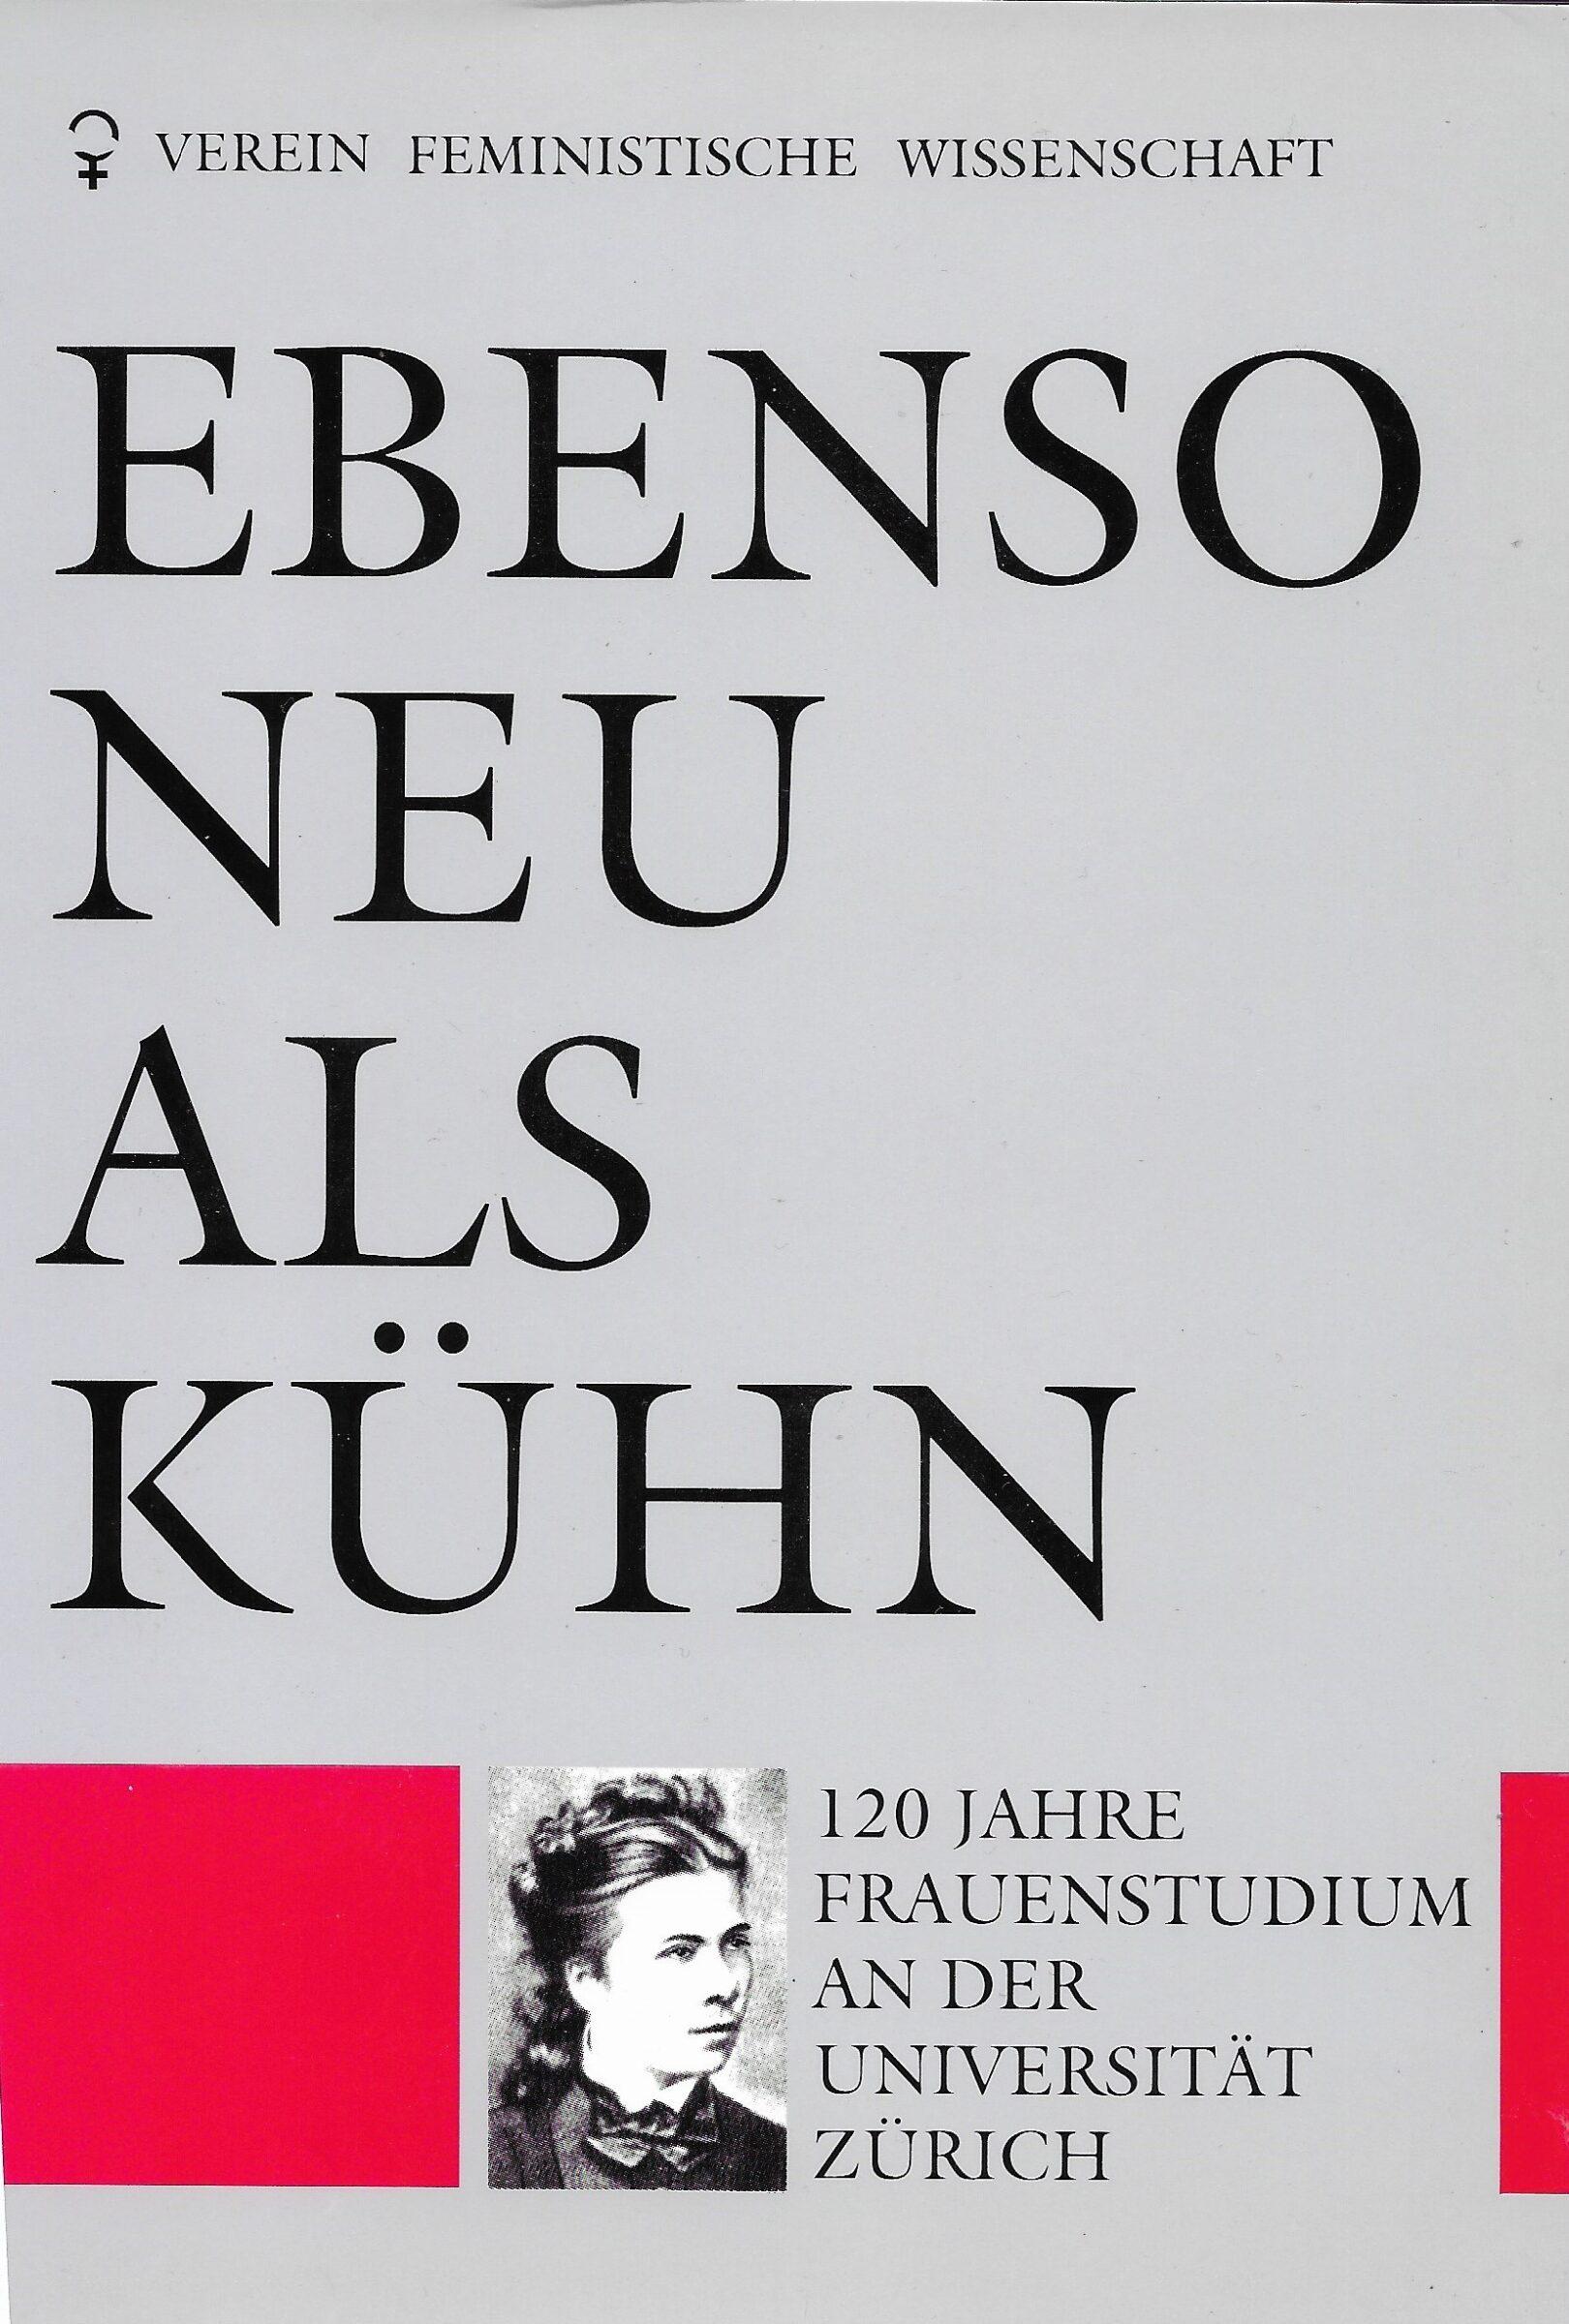 Buchcover von: Verein Feministische Wissenschaft Schweiz (Hg,): Ebenso neu als kühn. 120 Jahre Frauenstudium an der Universität Zürich, Zürich: efef-Verlag 1988.